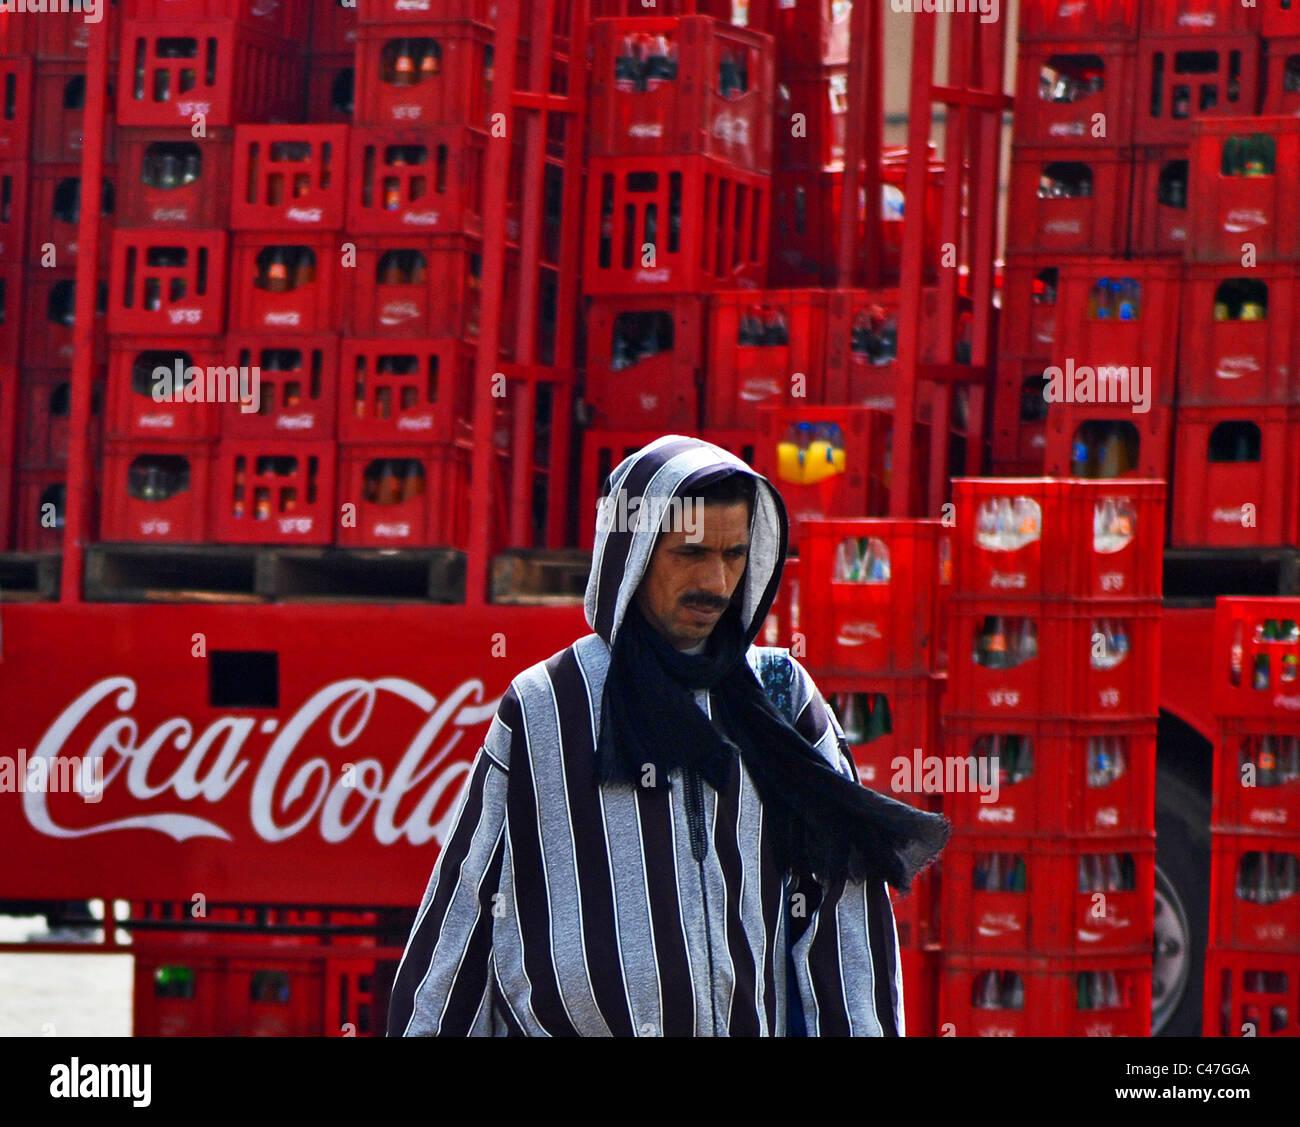 La globalizzazione. Coca Cola carrello e uomo arabo in abito tradizionale. Marrakech, Marocco Immagini Stock